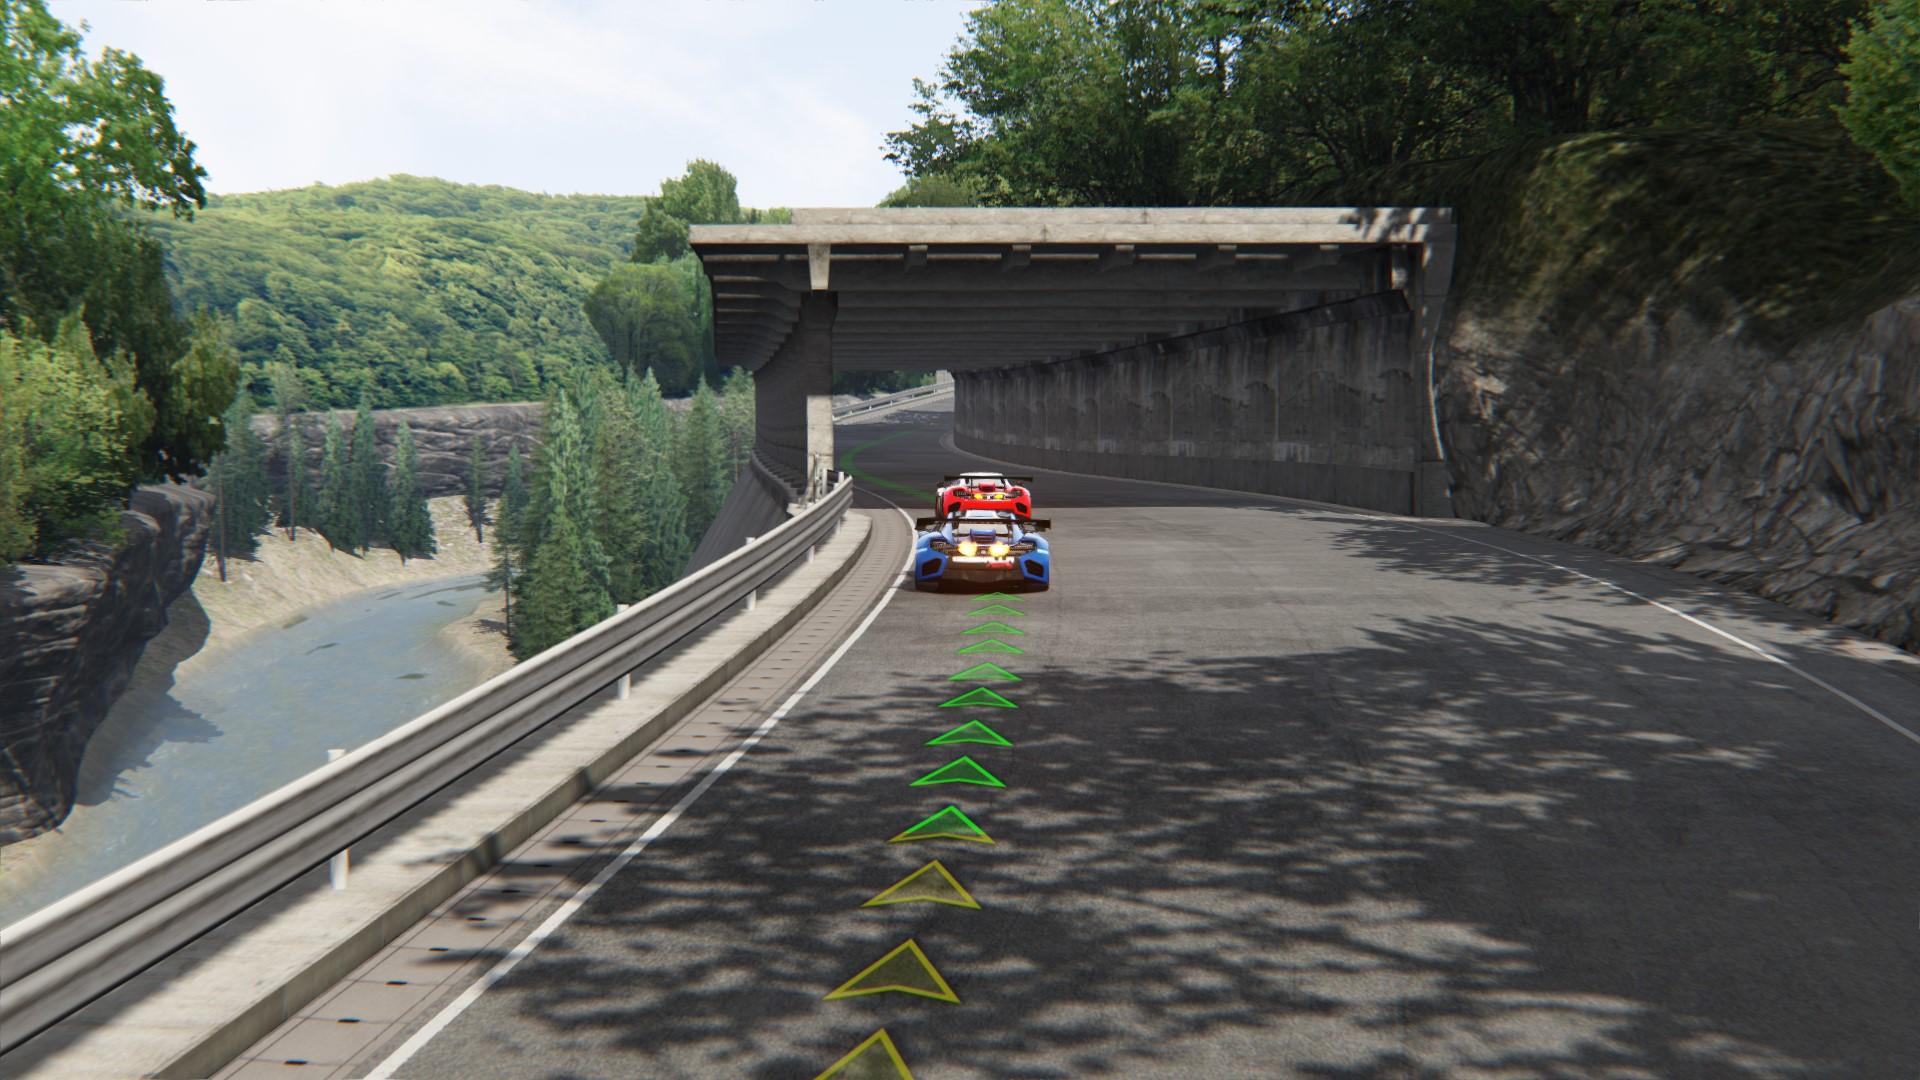 Screenshot_mclaren_mp412c_gt3_deepforest_raceway_1-6-120-22-19-54.jpg